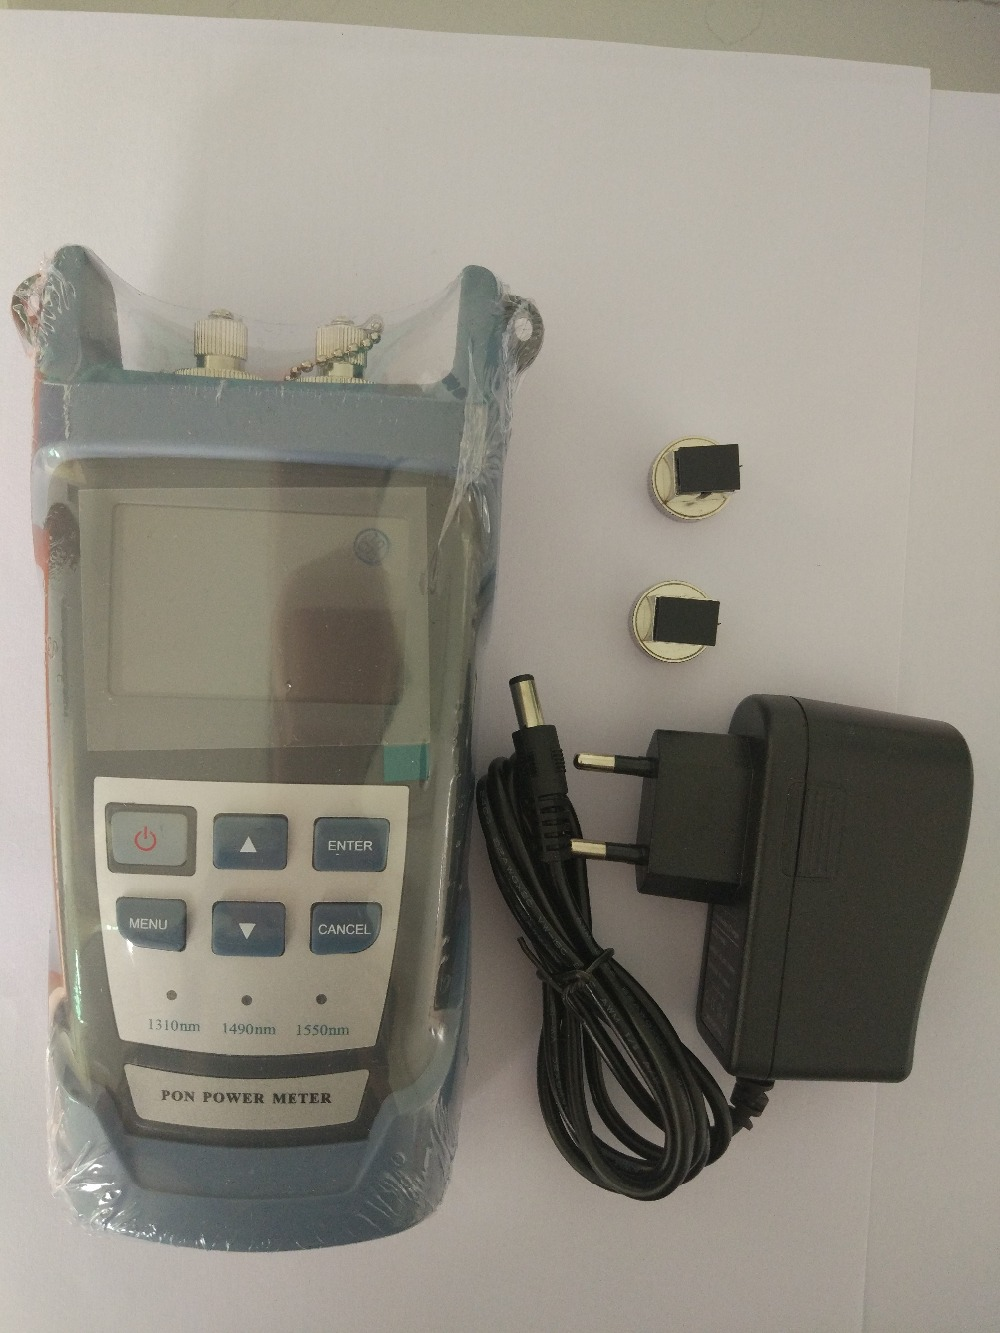 Handheld PON Optical Power Meter mit PON Netzwerk Prüfung Wellenlänge (1490nm, 1550nm, 1310nm) ONT/OLT RY-P100